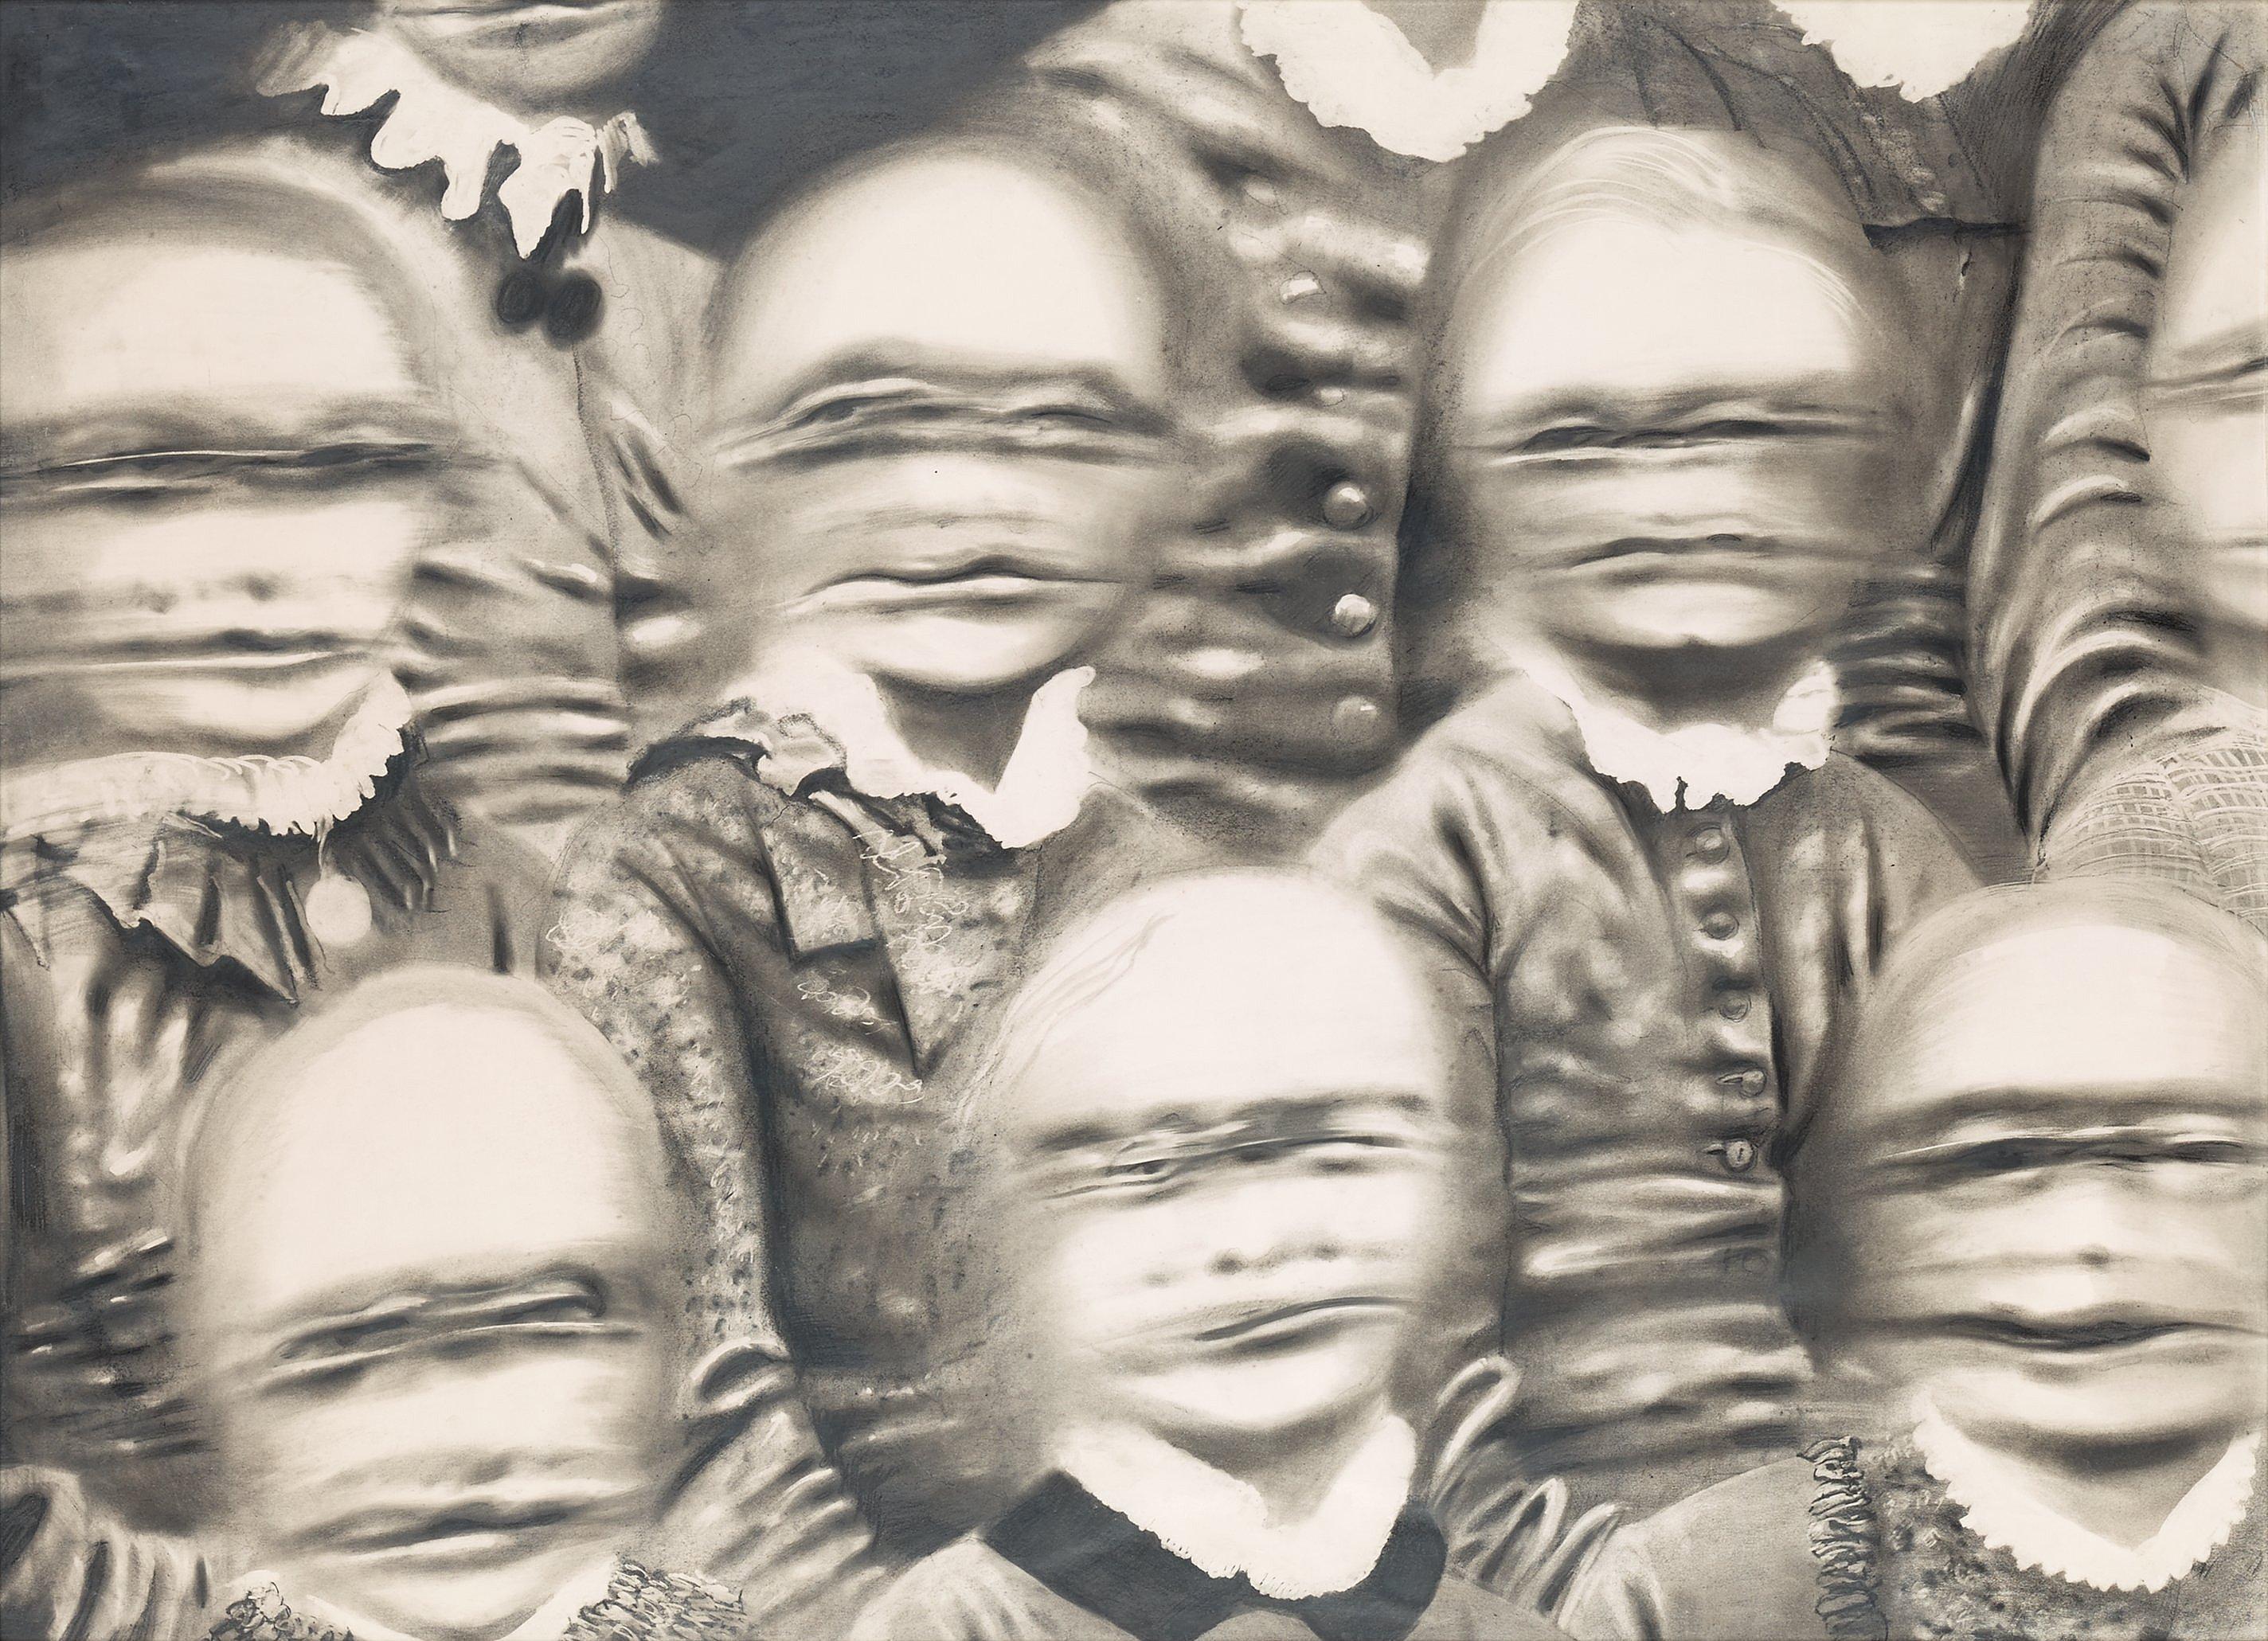 Bildresultat för roj friberg